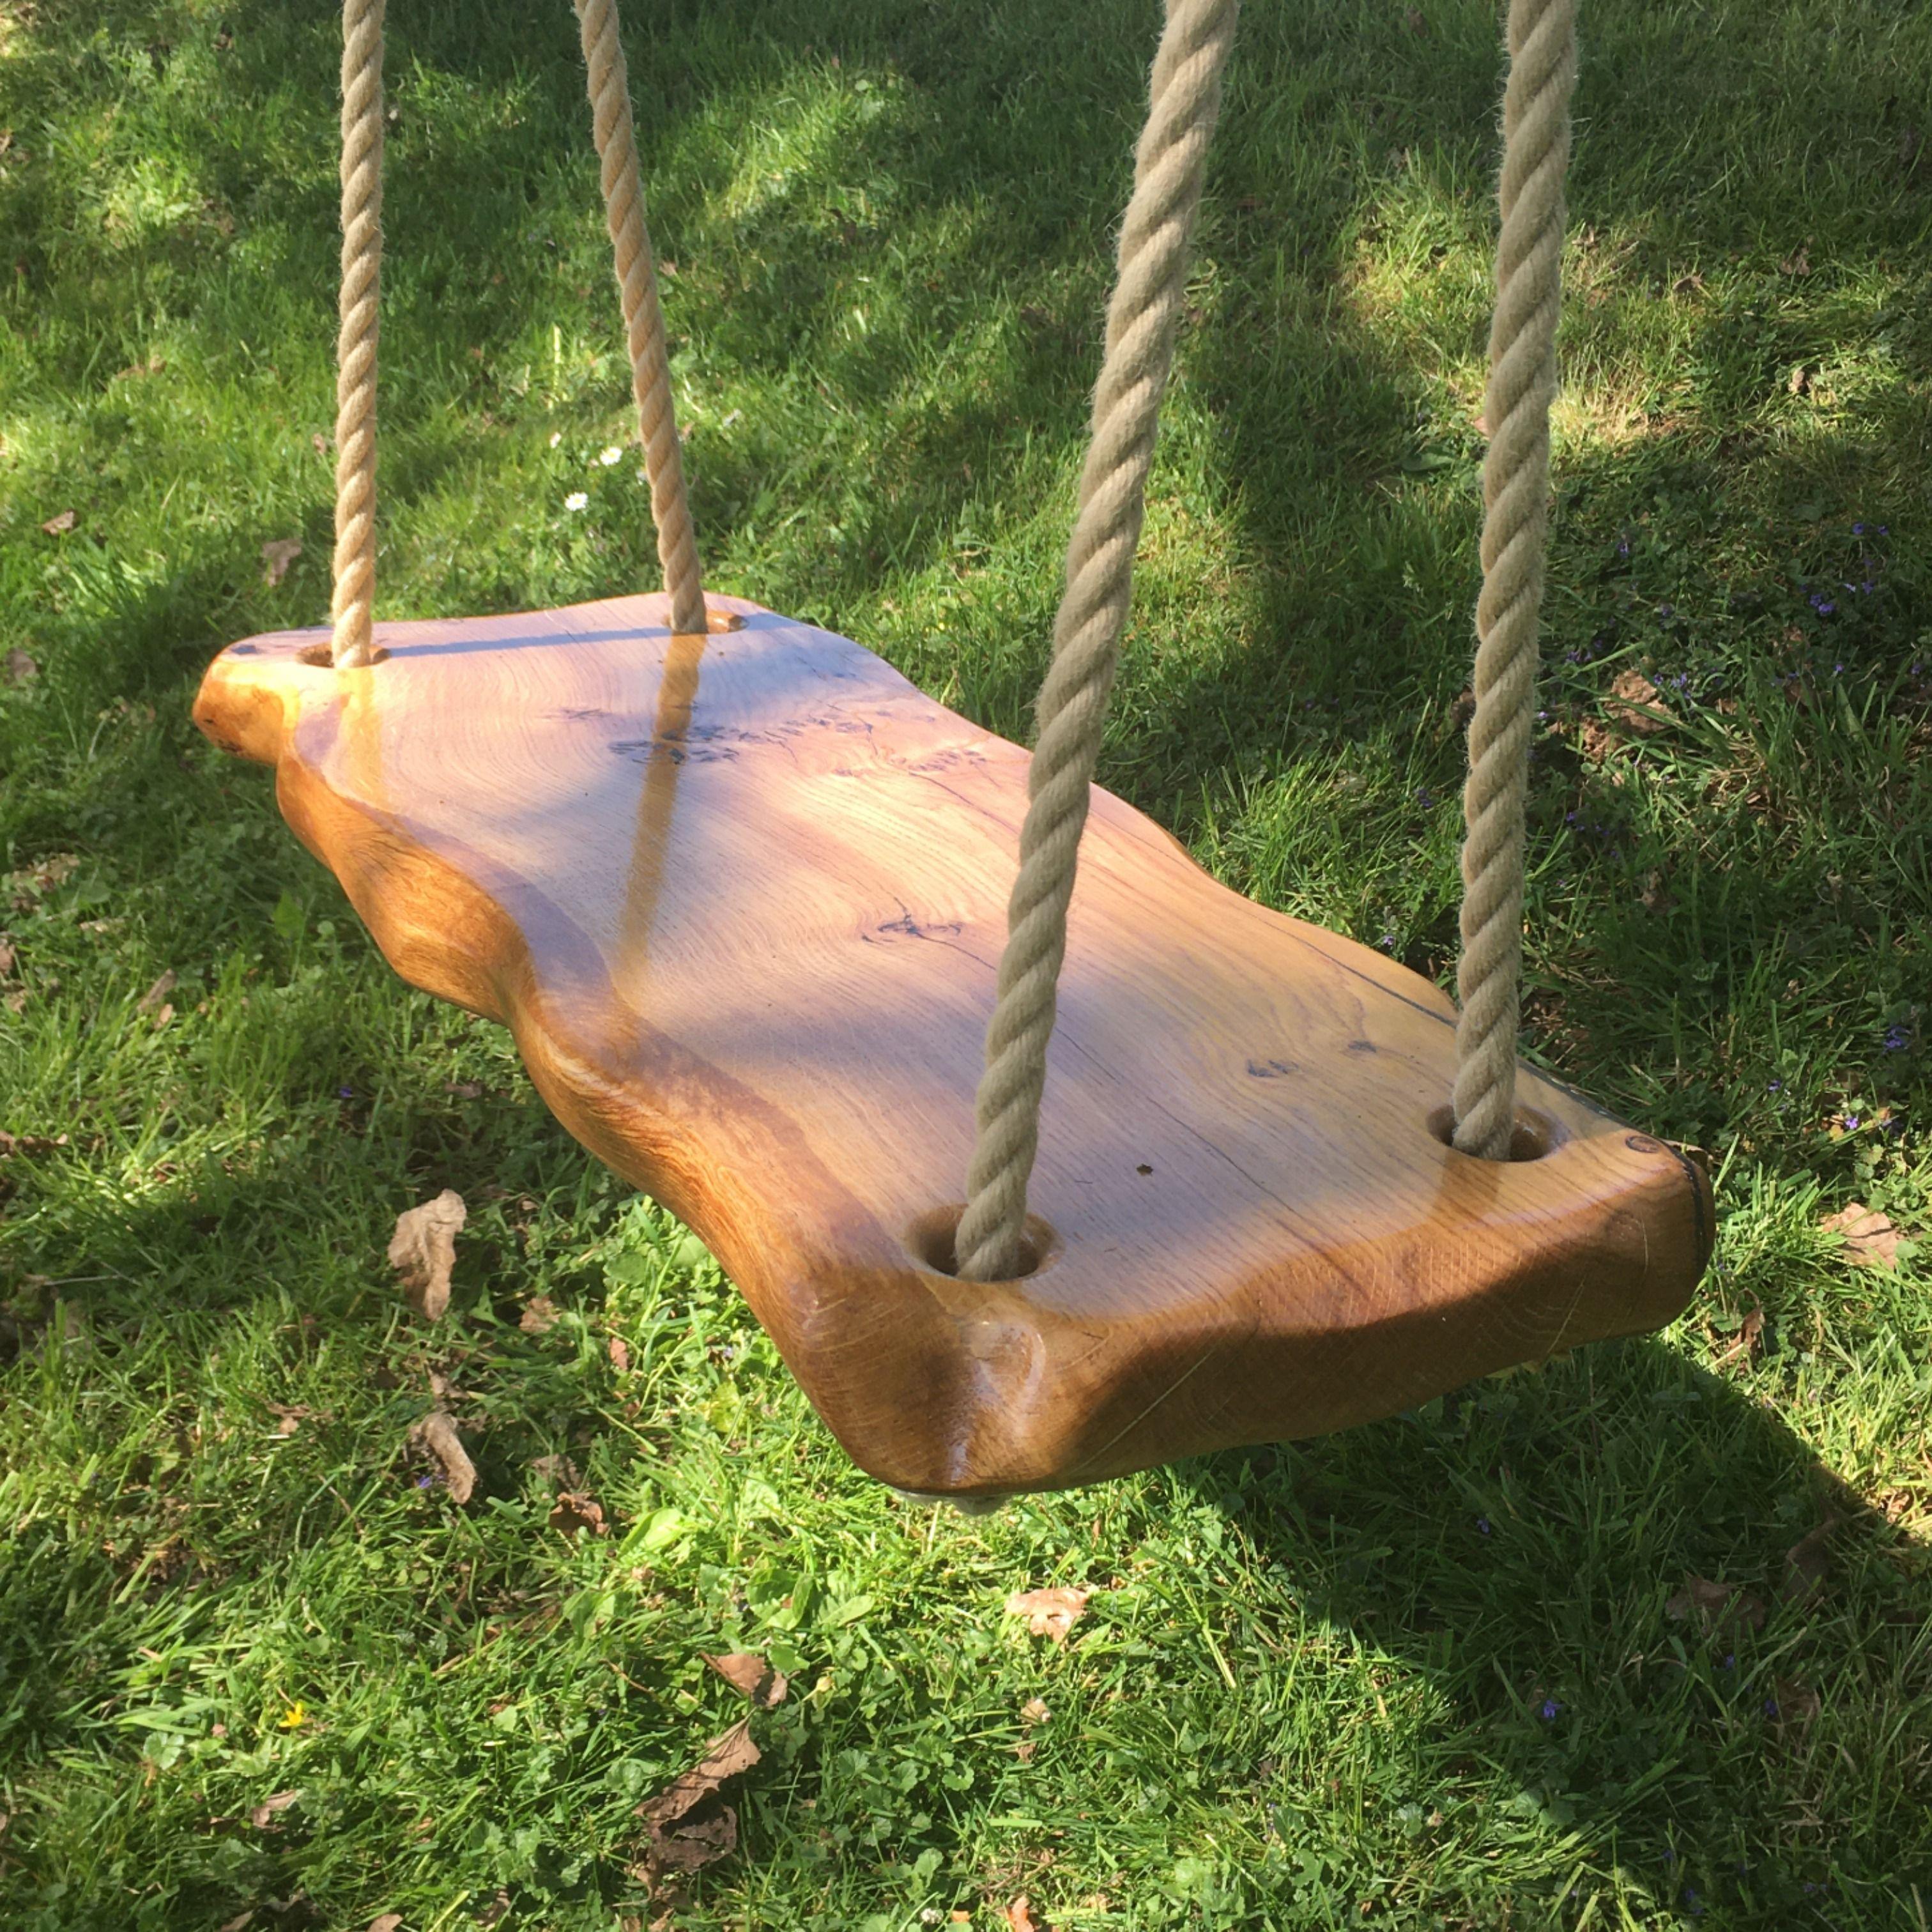 Backyard Swing Adult Tree Swing Wooden Tree Swing Oak Wooden Swing Outdoor Tree Swing Wooden Rope Swing Round Swing